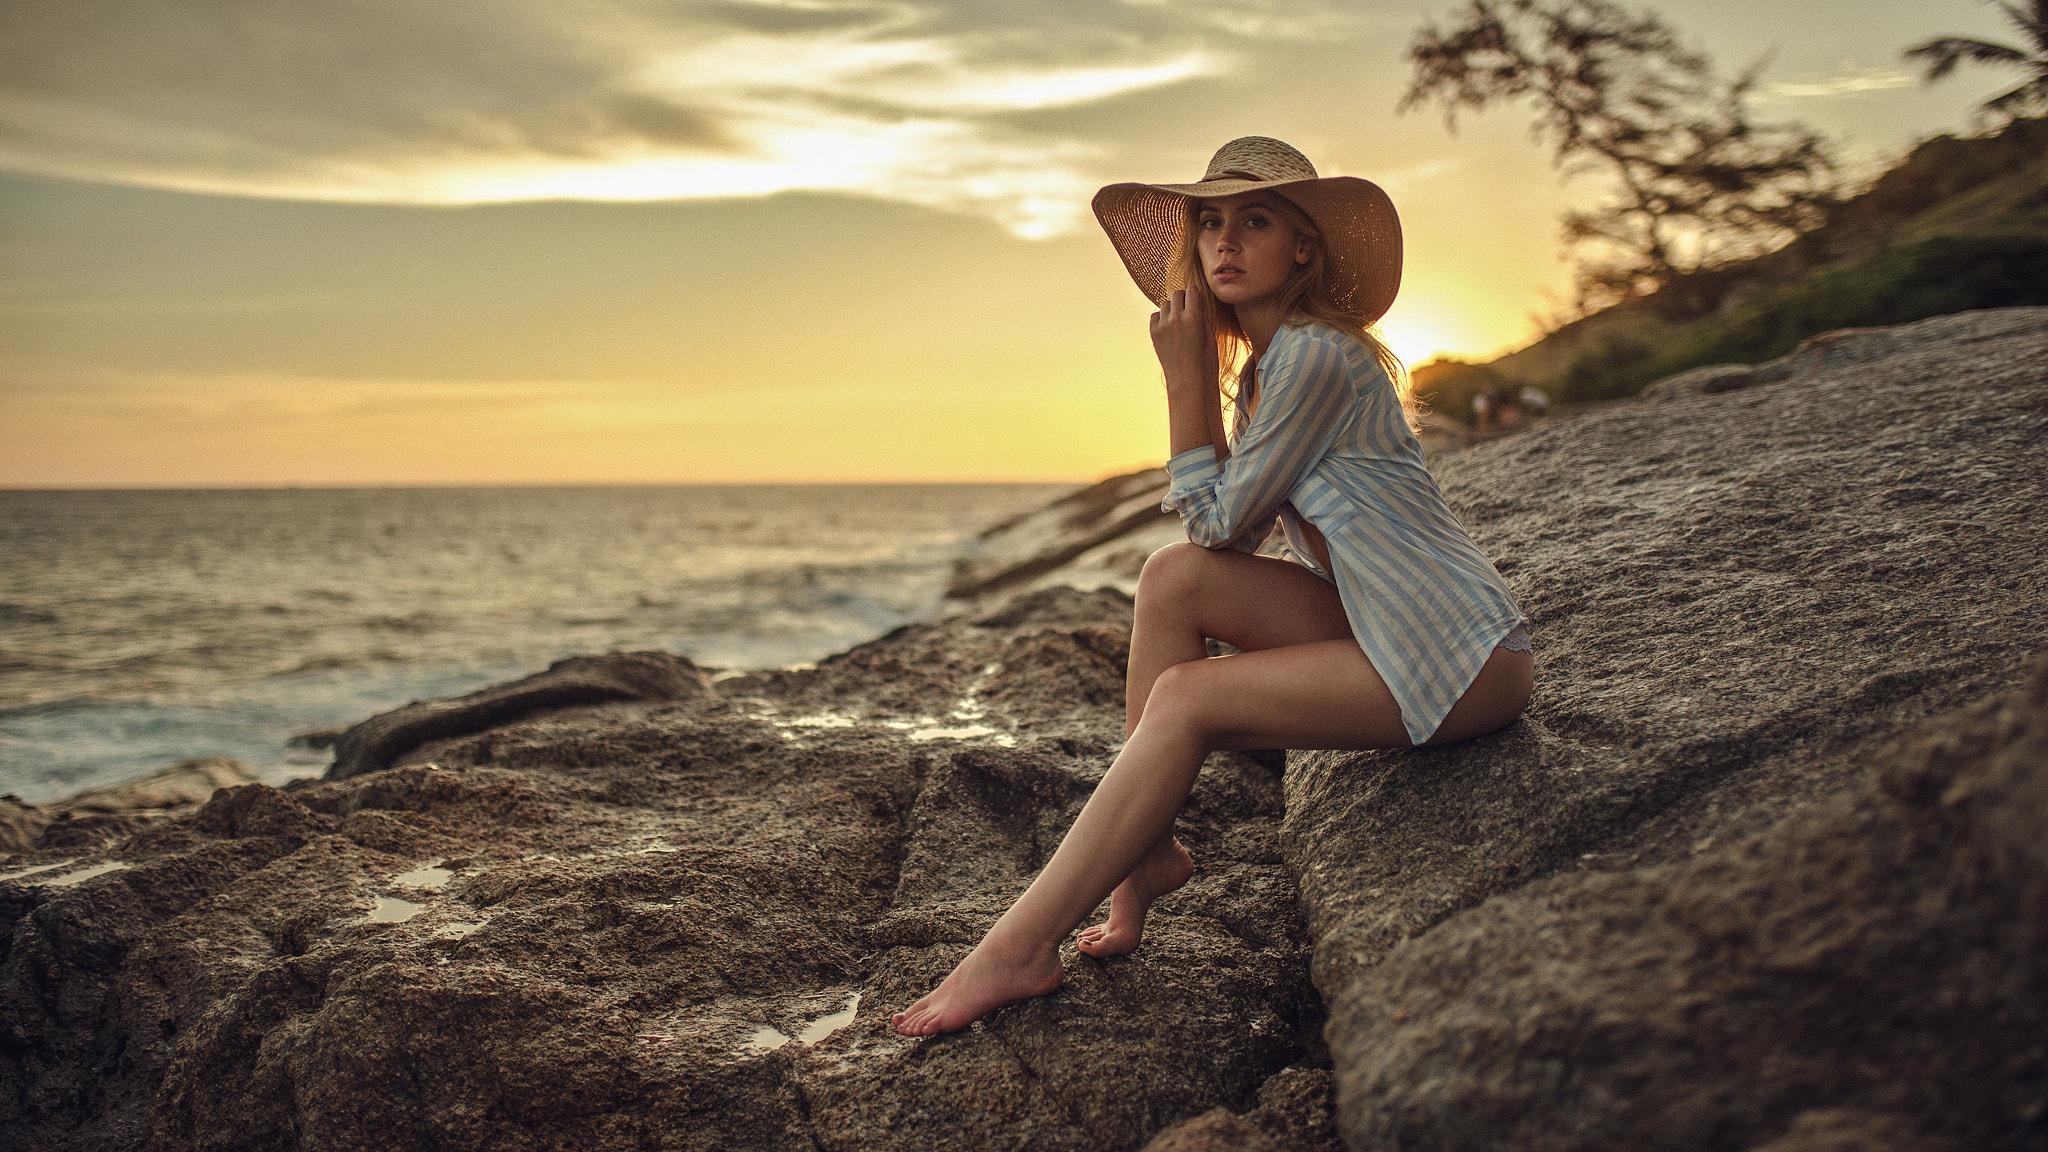 как красиво сфотографироваться на фоне моря пора